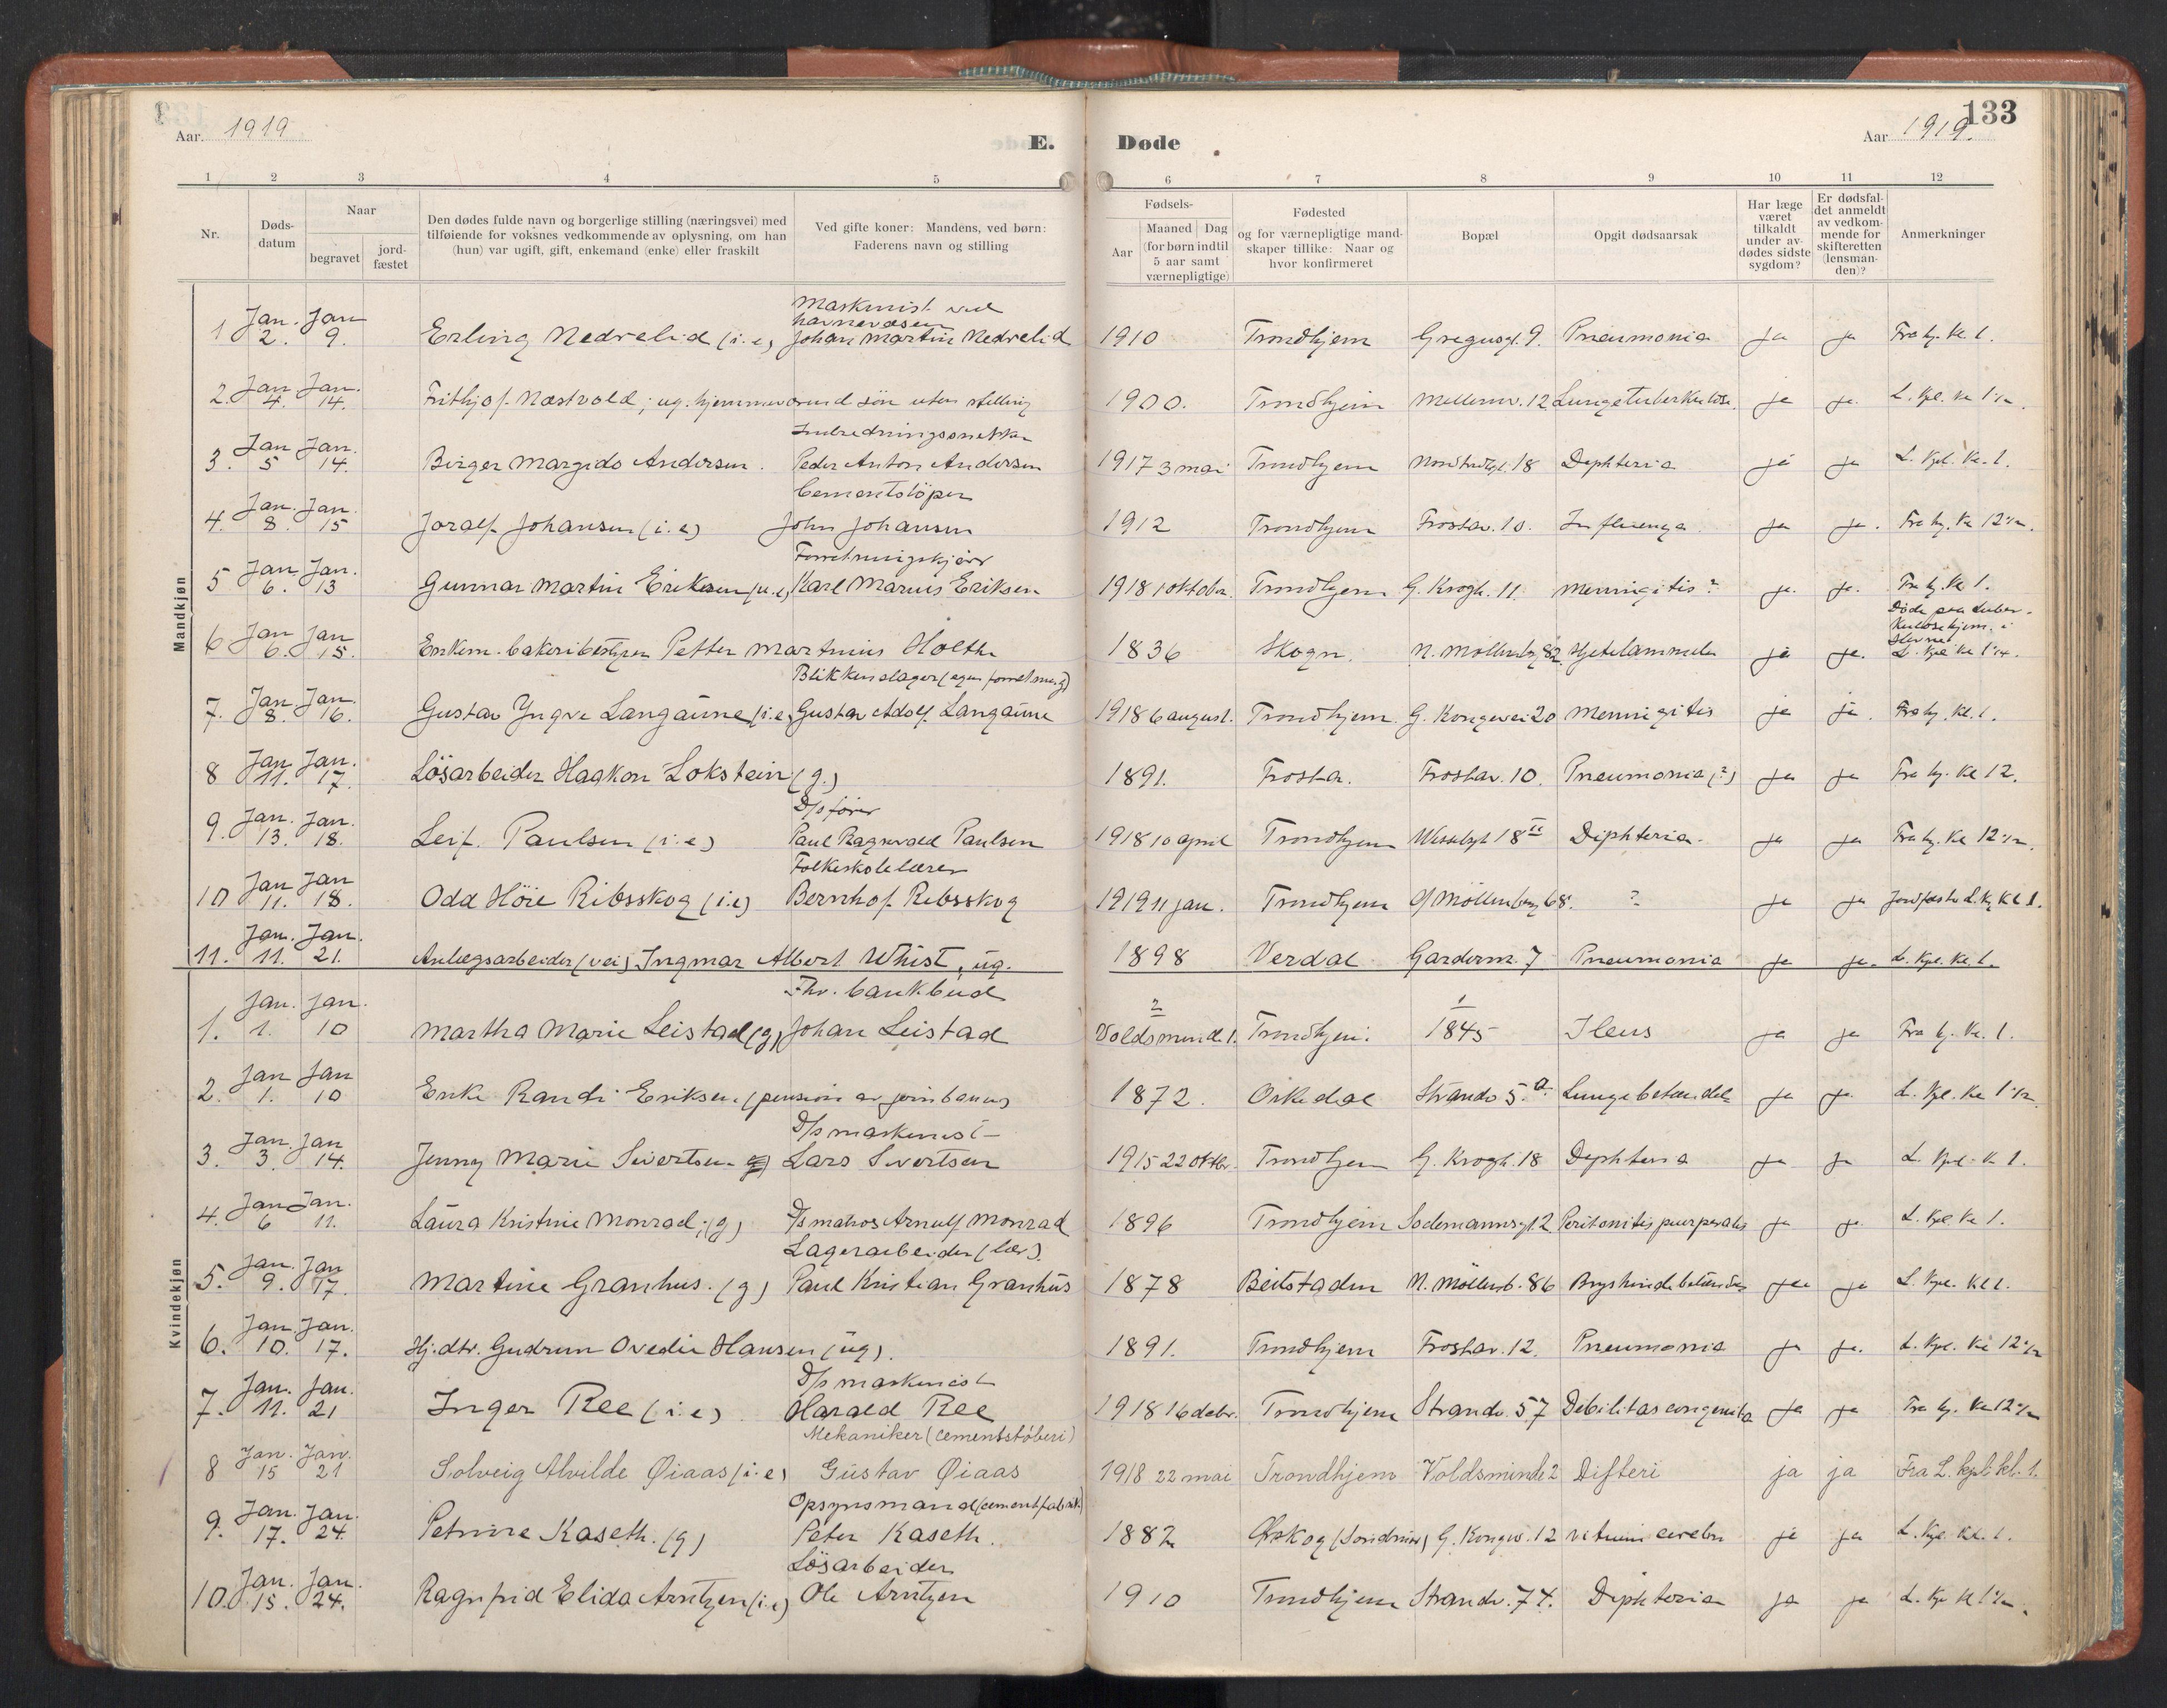 SAT, Ministerialprotokoller, klokkerbøker og fødselsregistre - Sør-Trøndelag, 605/L0245: Ministerialbok nr. 605A07, 1916-1938, s. 133